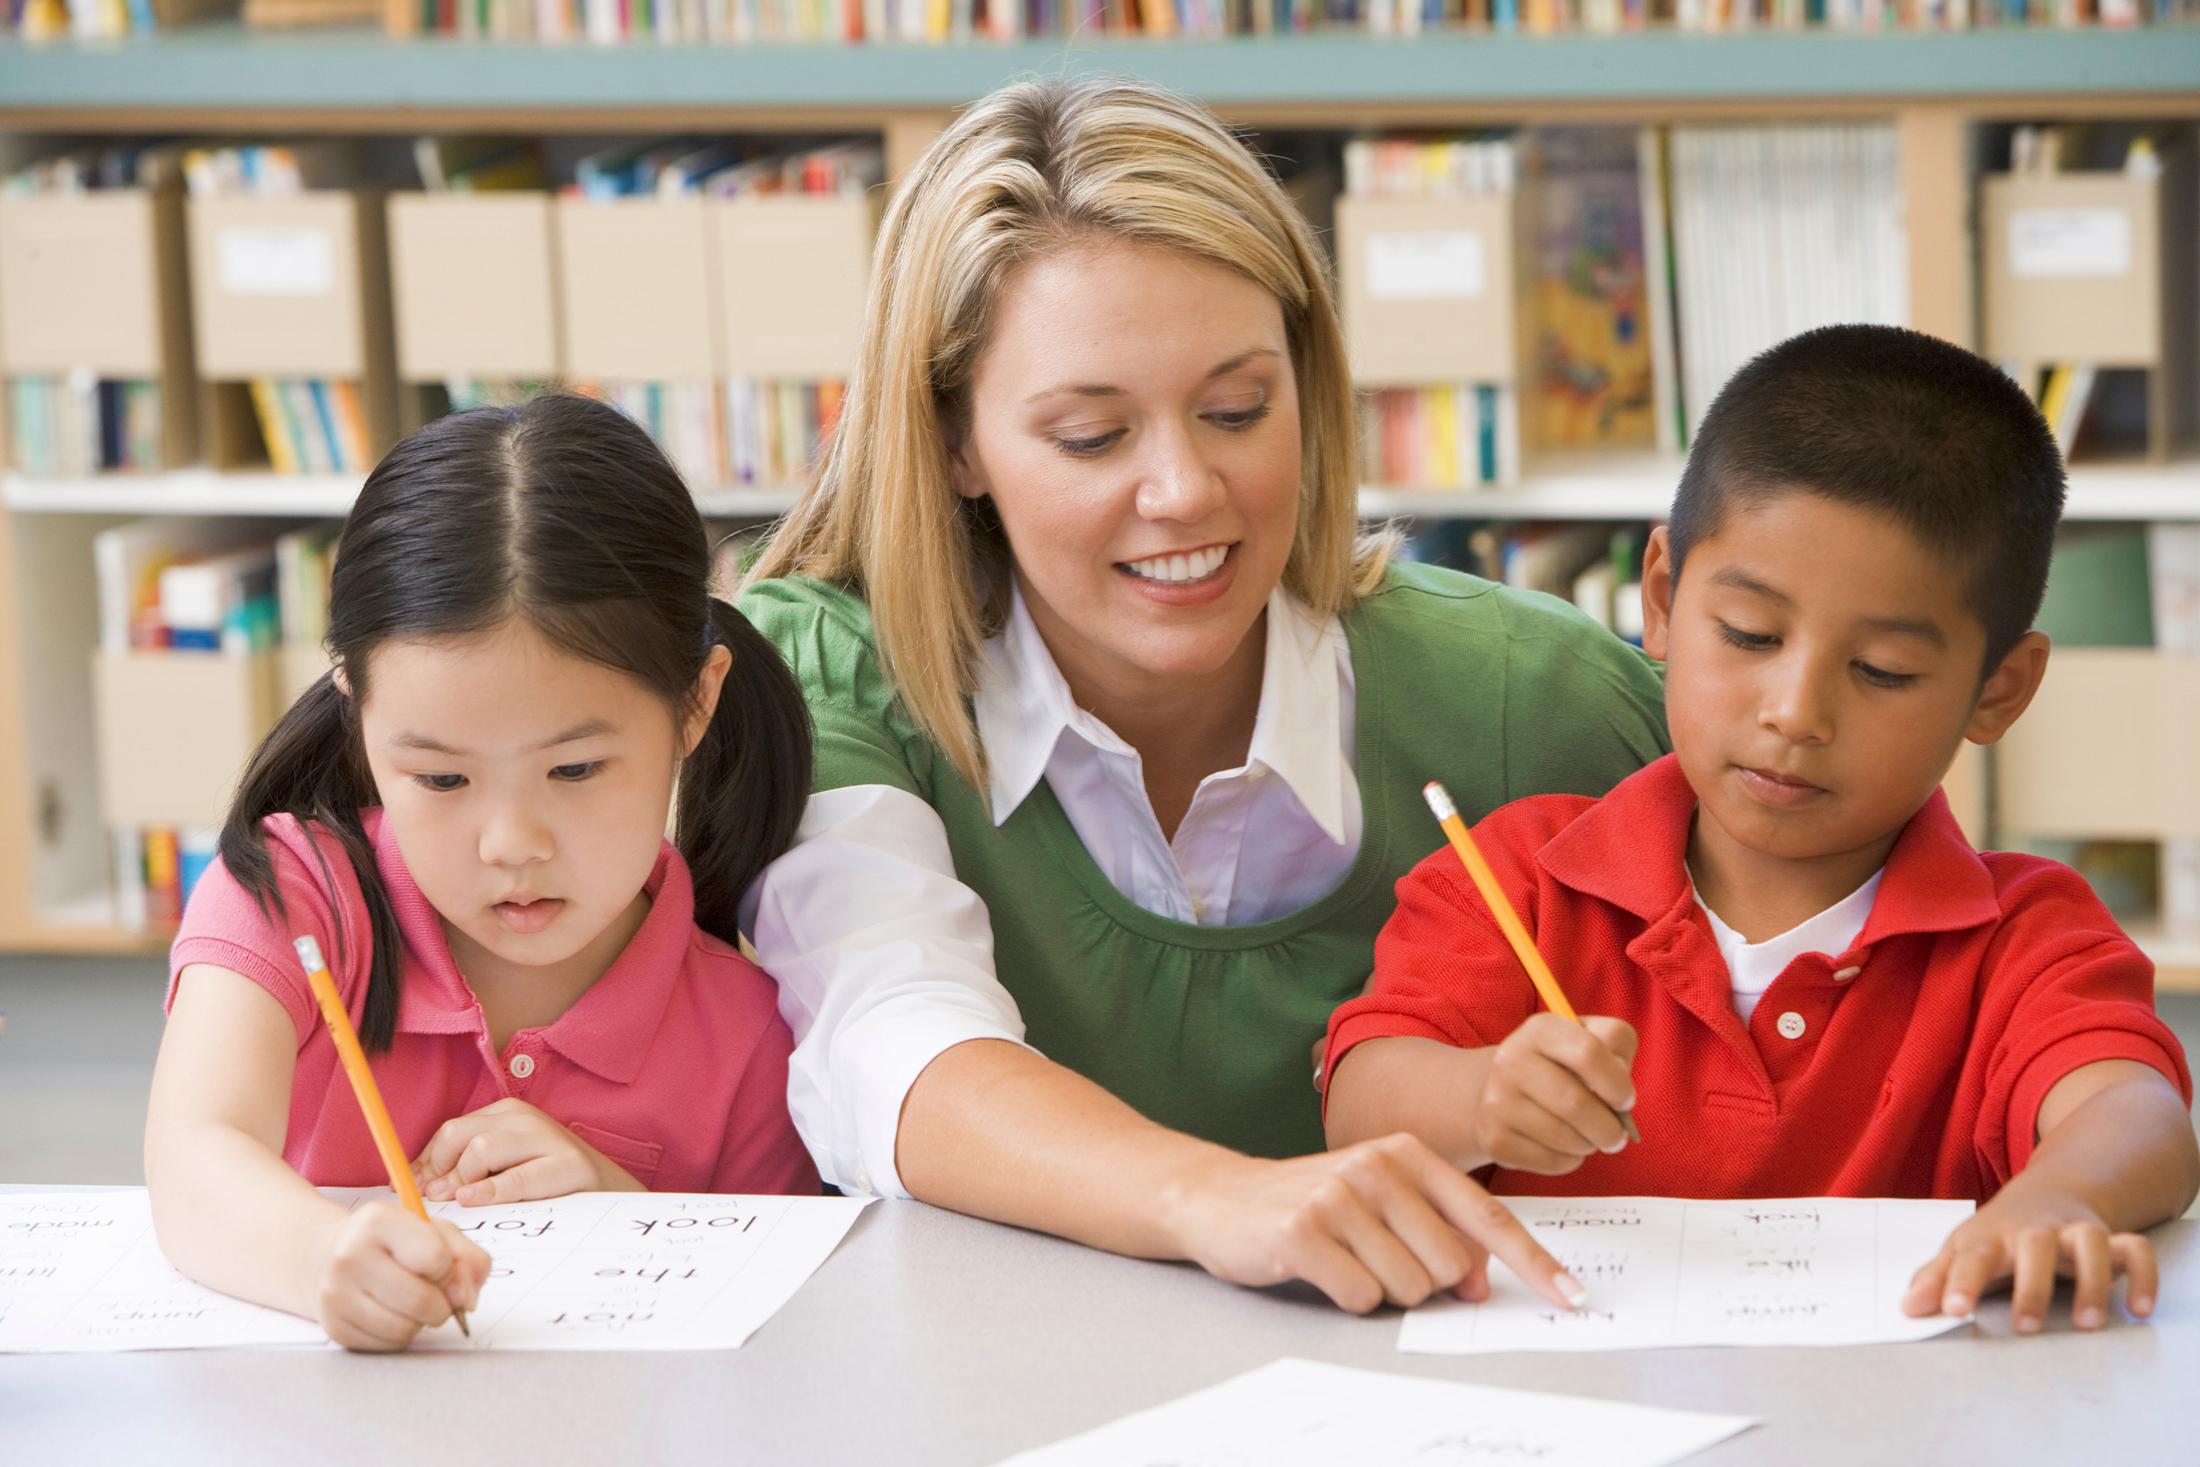 Escola de Coaching ECIT | Curso de Coaching Docente/Escolar